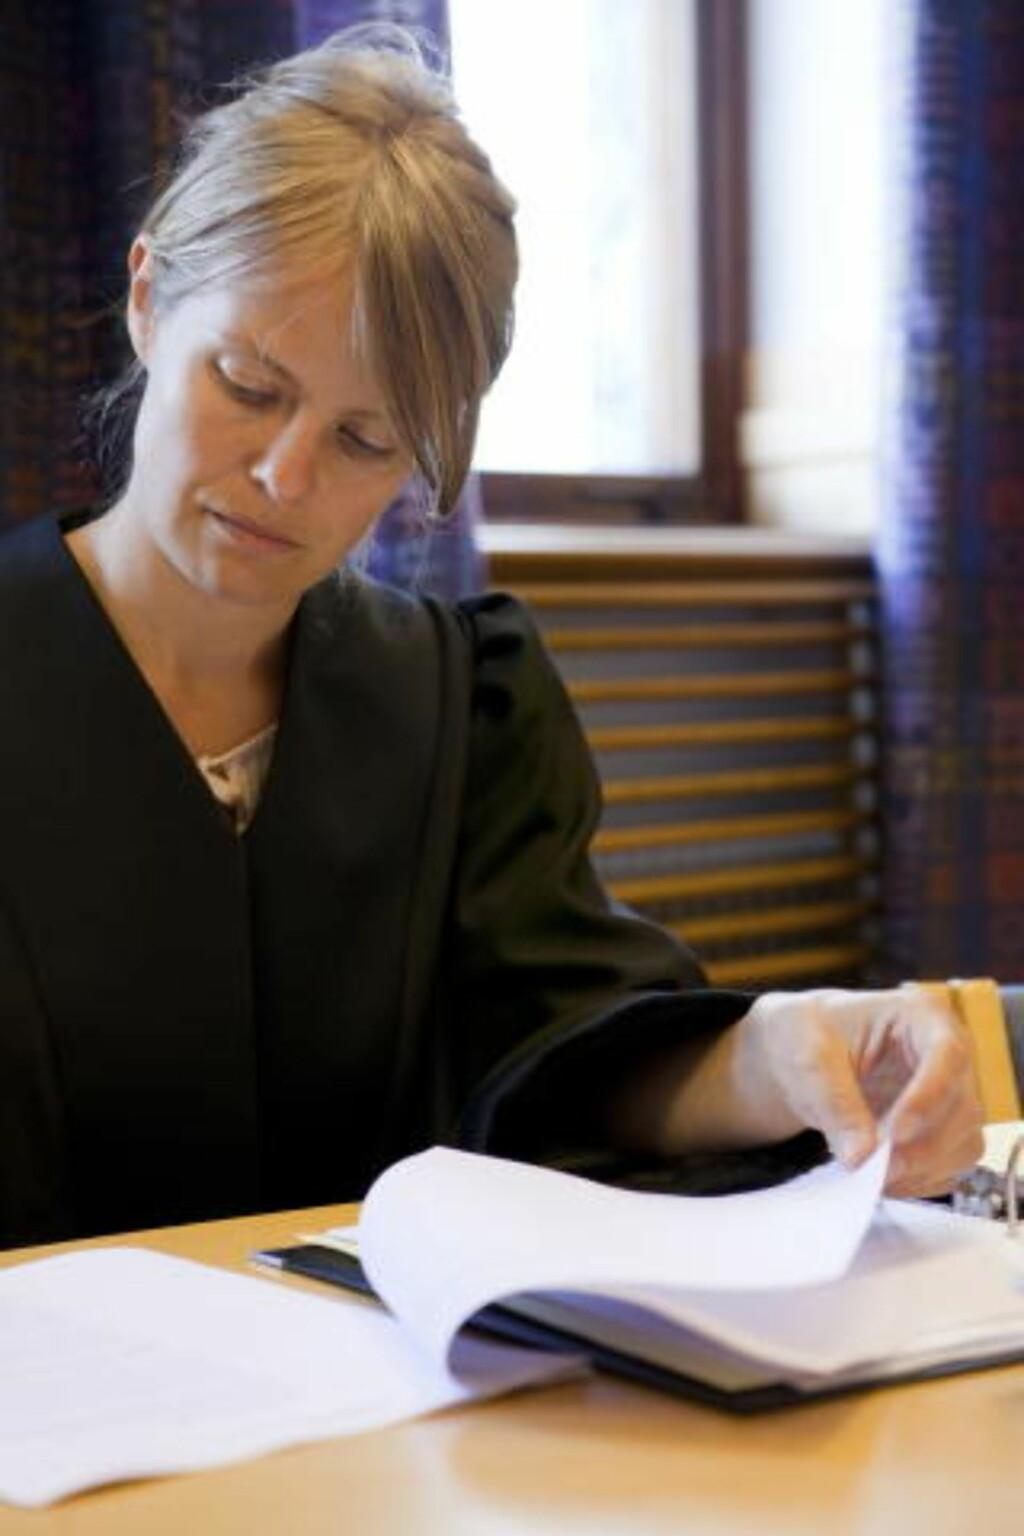 HAR ANKET:  Politidirektoratet har anket dommen i Majlo-saken. Her statsadvokat Ida Thue hos Riksadvokaten da søksmålet mot staten ble behandlet i tingretten i Trondheim tidligere i august. Foto: OLE MORTEN MELGÅRD.